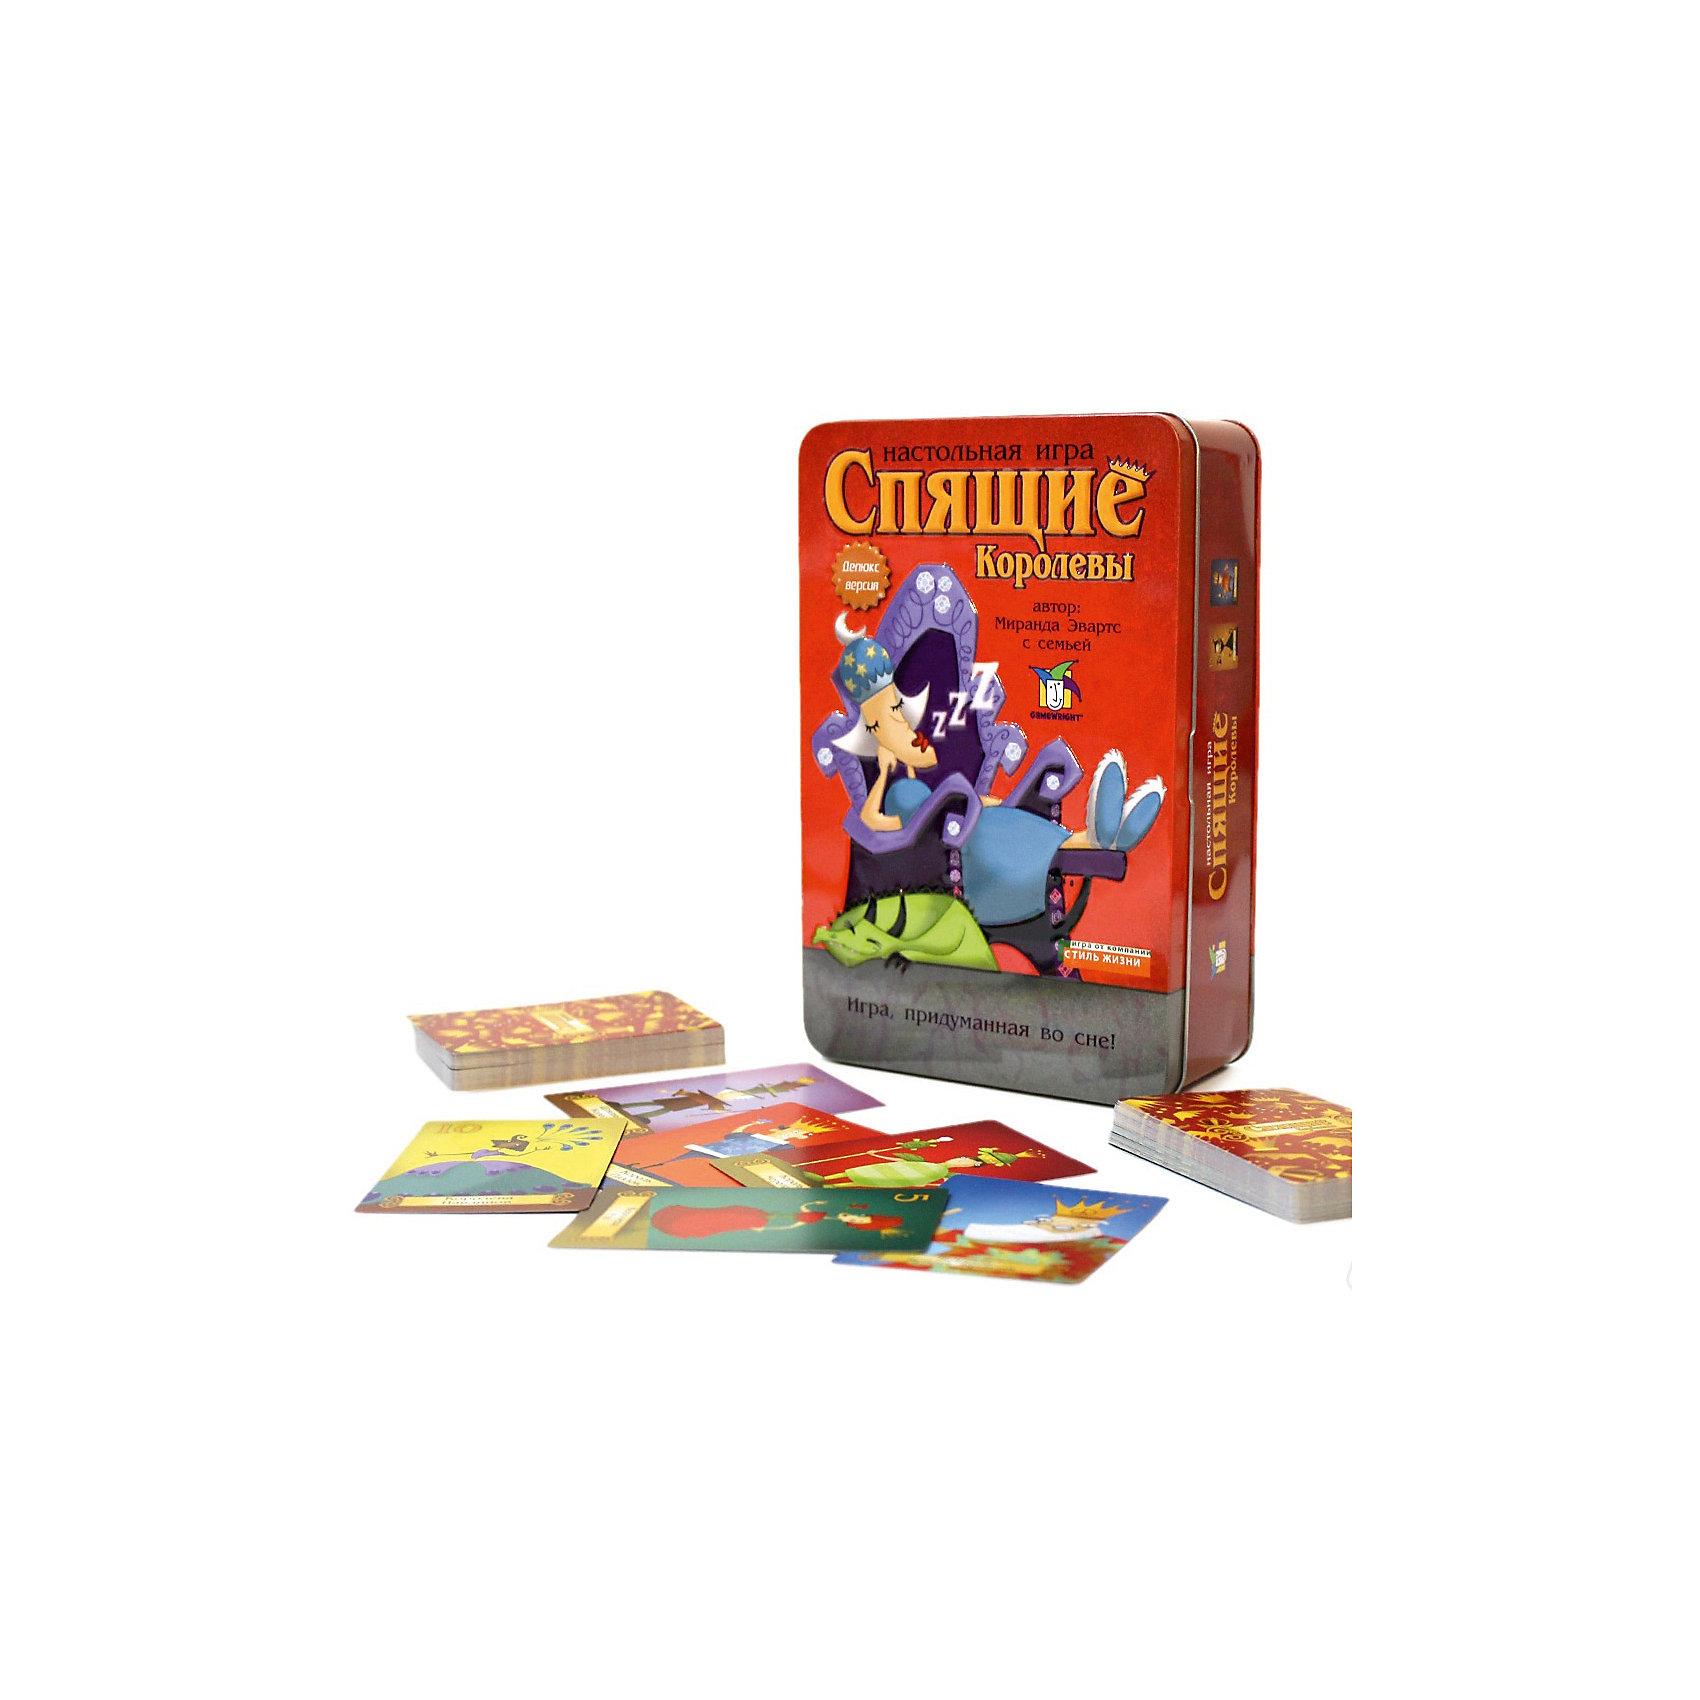 Настольная игра Спящие королевы. Делюкс, Стиль ЖизниНастольные игры для всей семьи<br>Настольная игра Спящие королевы. Делюкс, Стиль Жизни<br><br>Характеристики:<br><br>• В набор входит: карточки, инструкция<br>• Размер упаковки: 20х4х12,5 см.<br>• Состав: картон, металл<br>• Количество игроков: от 2 до 5<br>• Время игры: 10-15 мин.<br>• Вес: 362 г.<br>• Для детей в возрасте: от 7 лет<br>• Страна производитель: Россия<br><br>Укутанные сном королевы и множество разных королей – король печенья, король пазлов, король ярких красок, король шляп и не только помогут убрать чары сна с королев. Игра обладает простыми, но интересными правилами, в нее можно играть небольшой компанией. Довольно быстрые партии игры не займут много времени, но займут игроков и увлекут их в новые приключения. Яркие карточки отлично проработаны и изготовлены из качественных материалов. Настольная игра упакована в красивую металлическую коробочку и станет отличным подарком.<br><br>Настольную игру Спящие королевы. Делюкс, Стиль Жизни можно купить в нашем интернет-магазине.<br><br>Ширина мм: 40<br>Глубина мм: 200<br>Высота мм: 130<br>Вес г: 363<br>Возраст от месяцев: 84<br>Возраст до месяцев: 2147483647<br>Пол: Унисекс<br>Возраст: Детский<br>SKU: 5523194